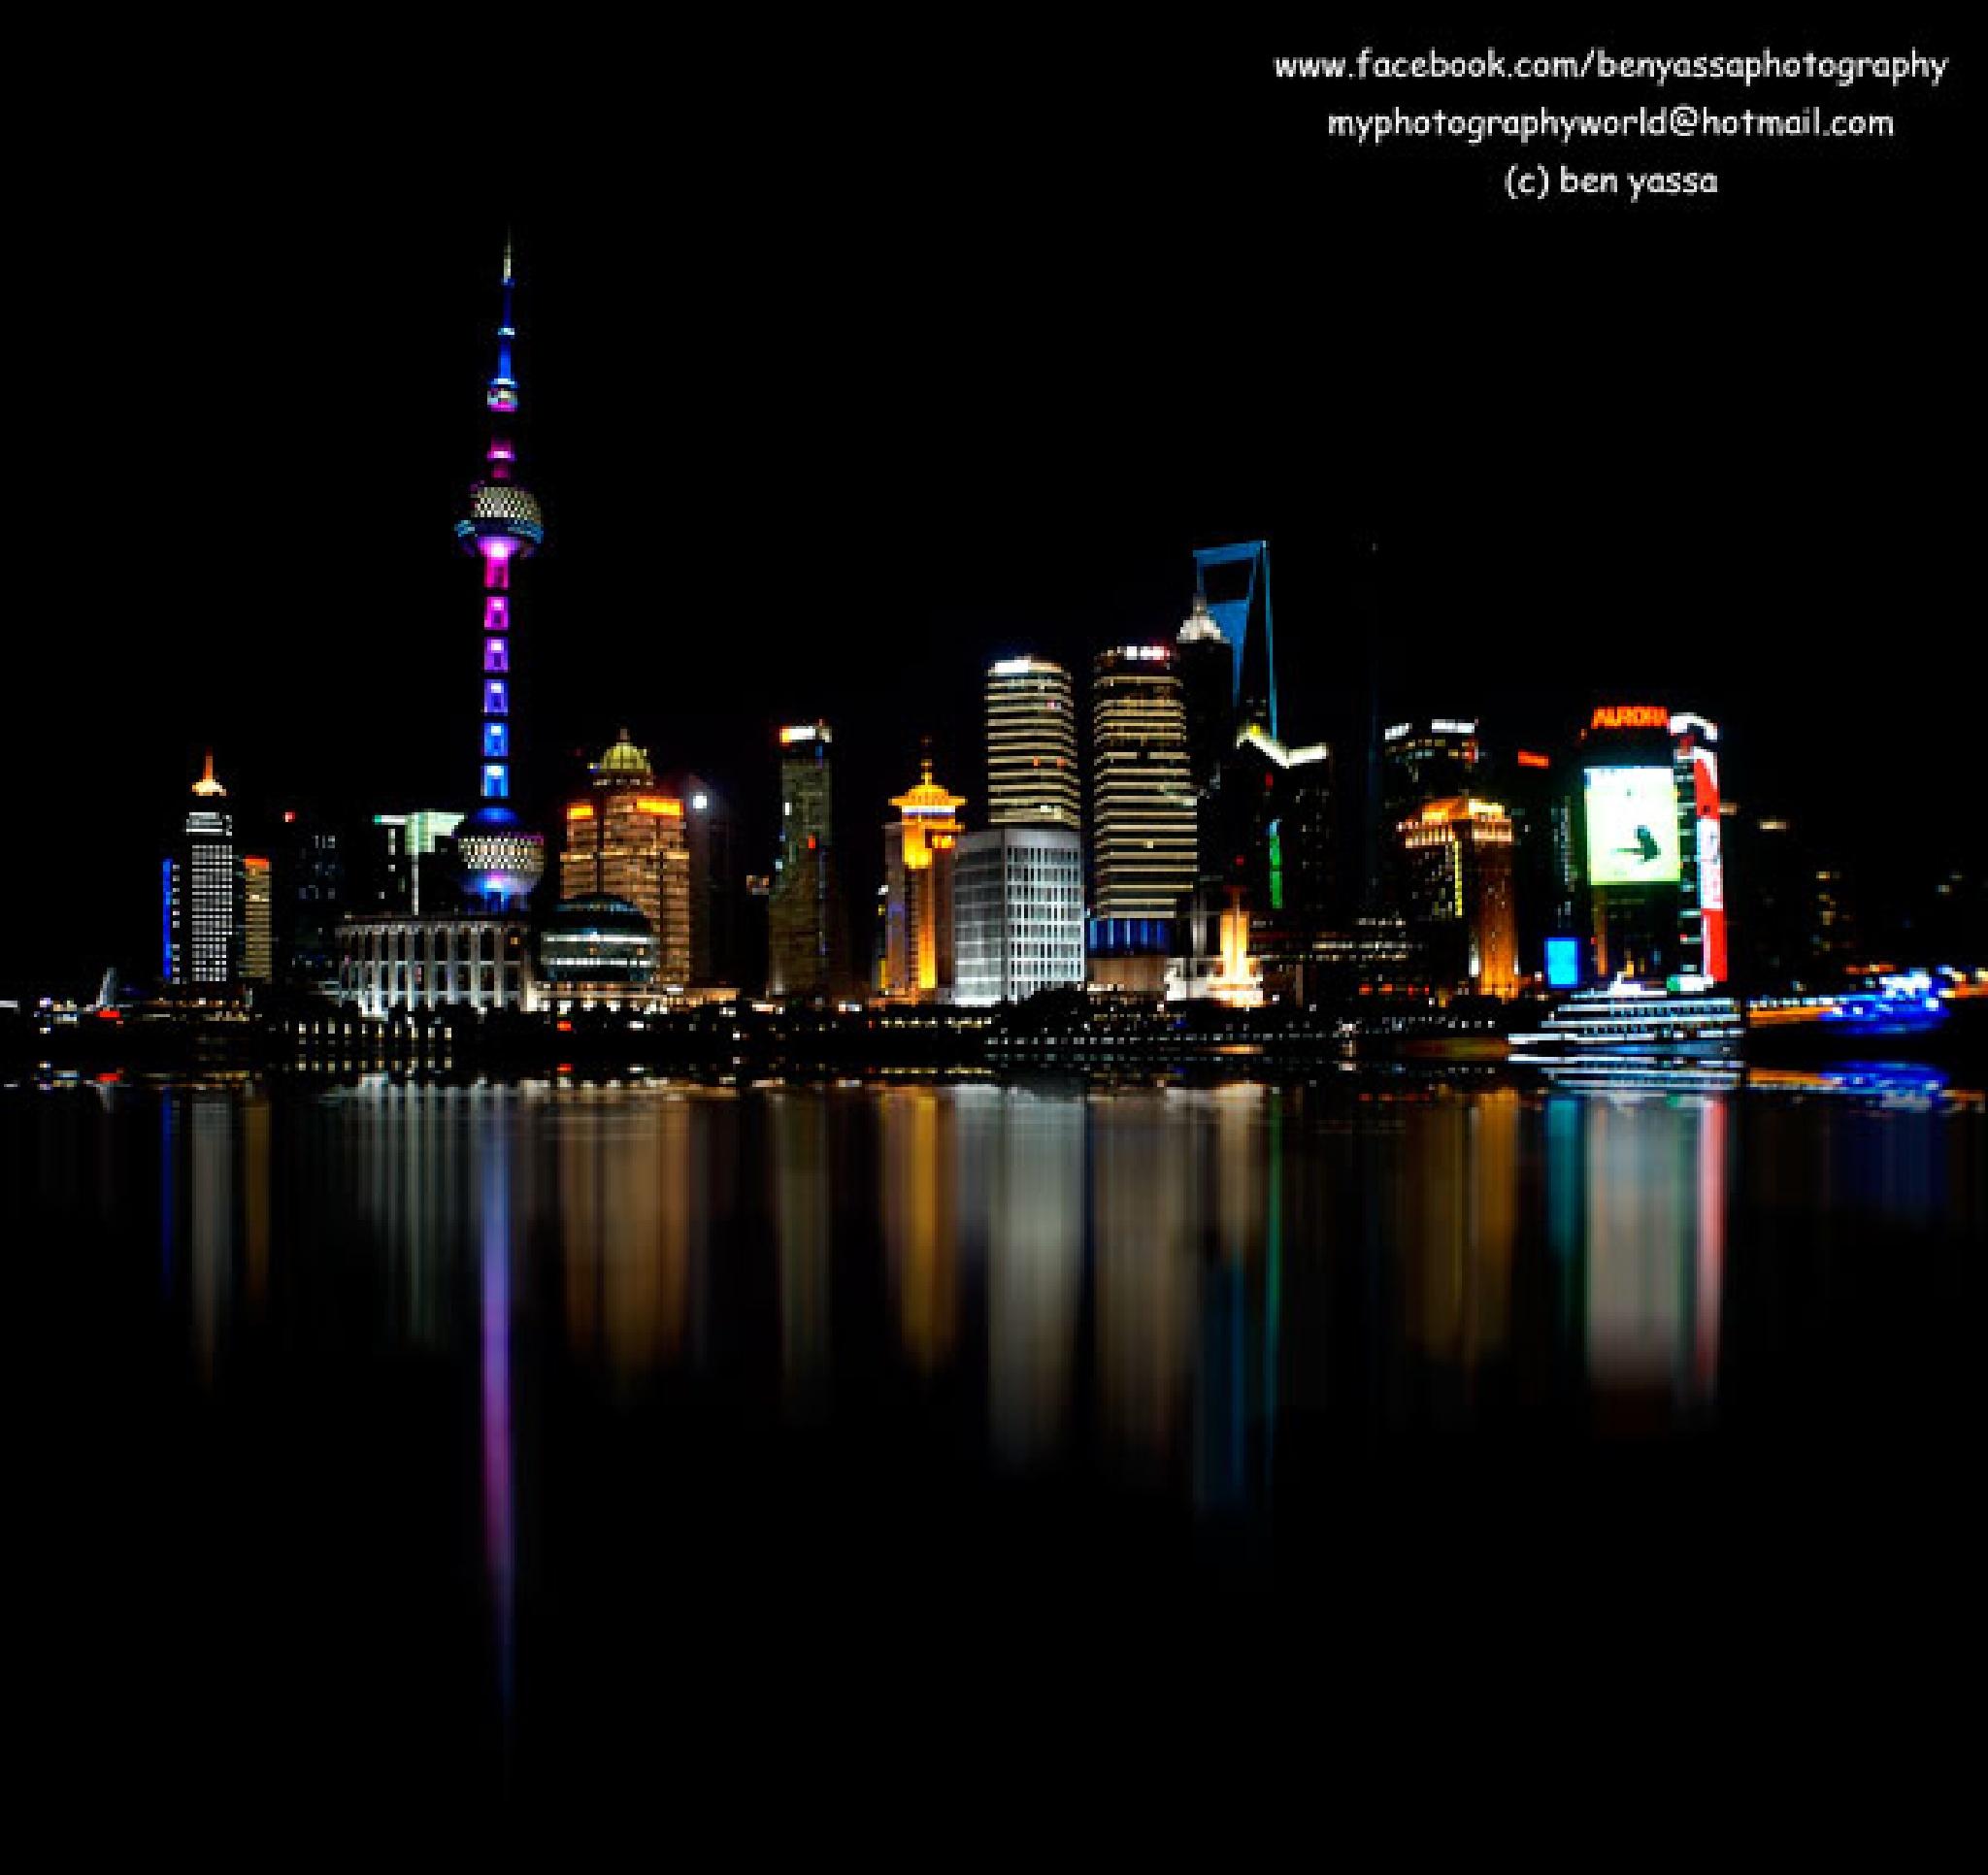 china 34 by ben yassa